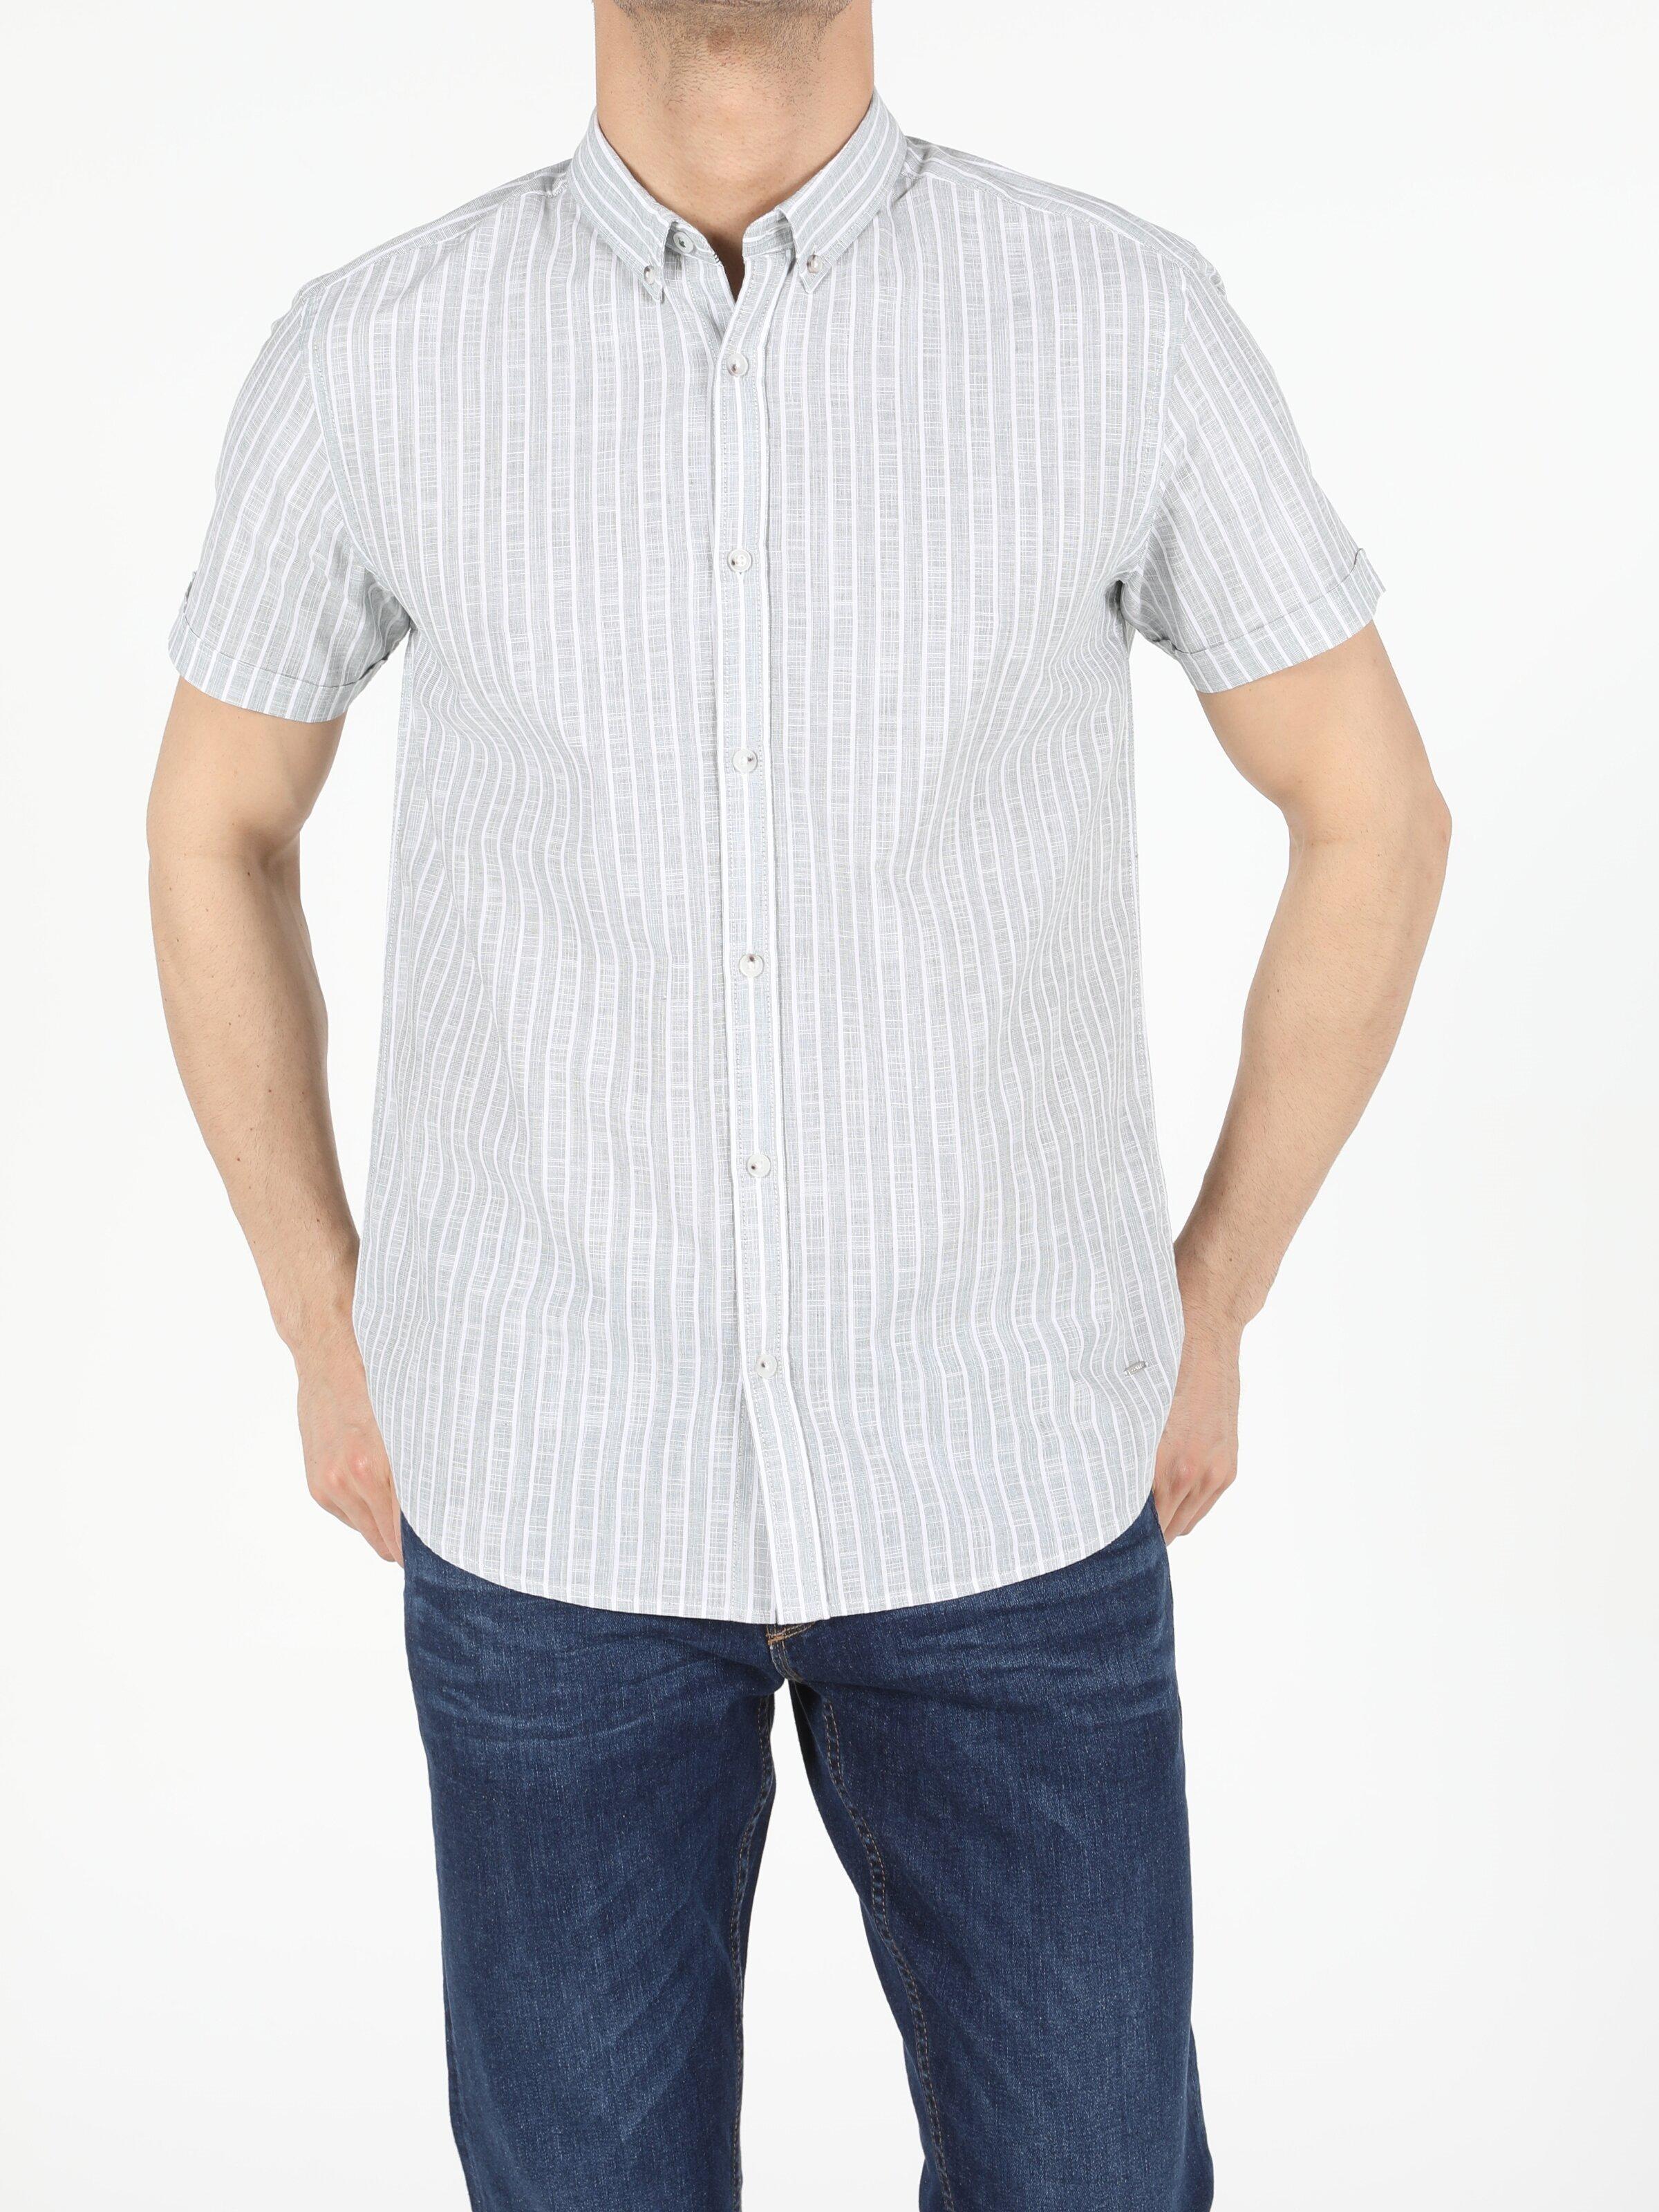 Показать информацию о Мужская рубашка с коротким рукавом regular fit CL1054711